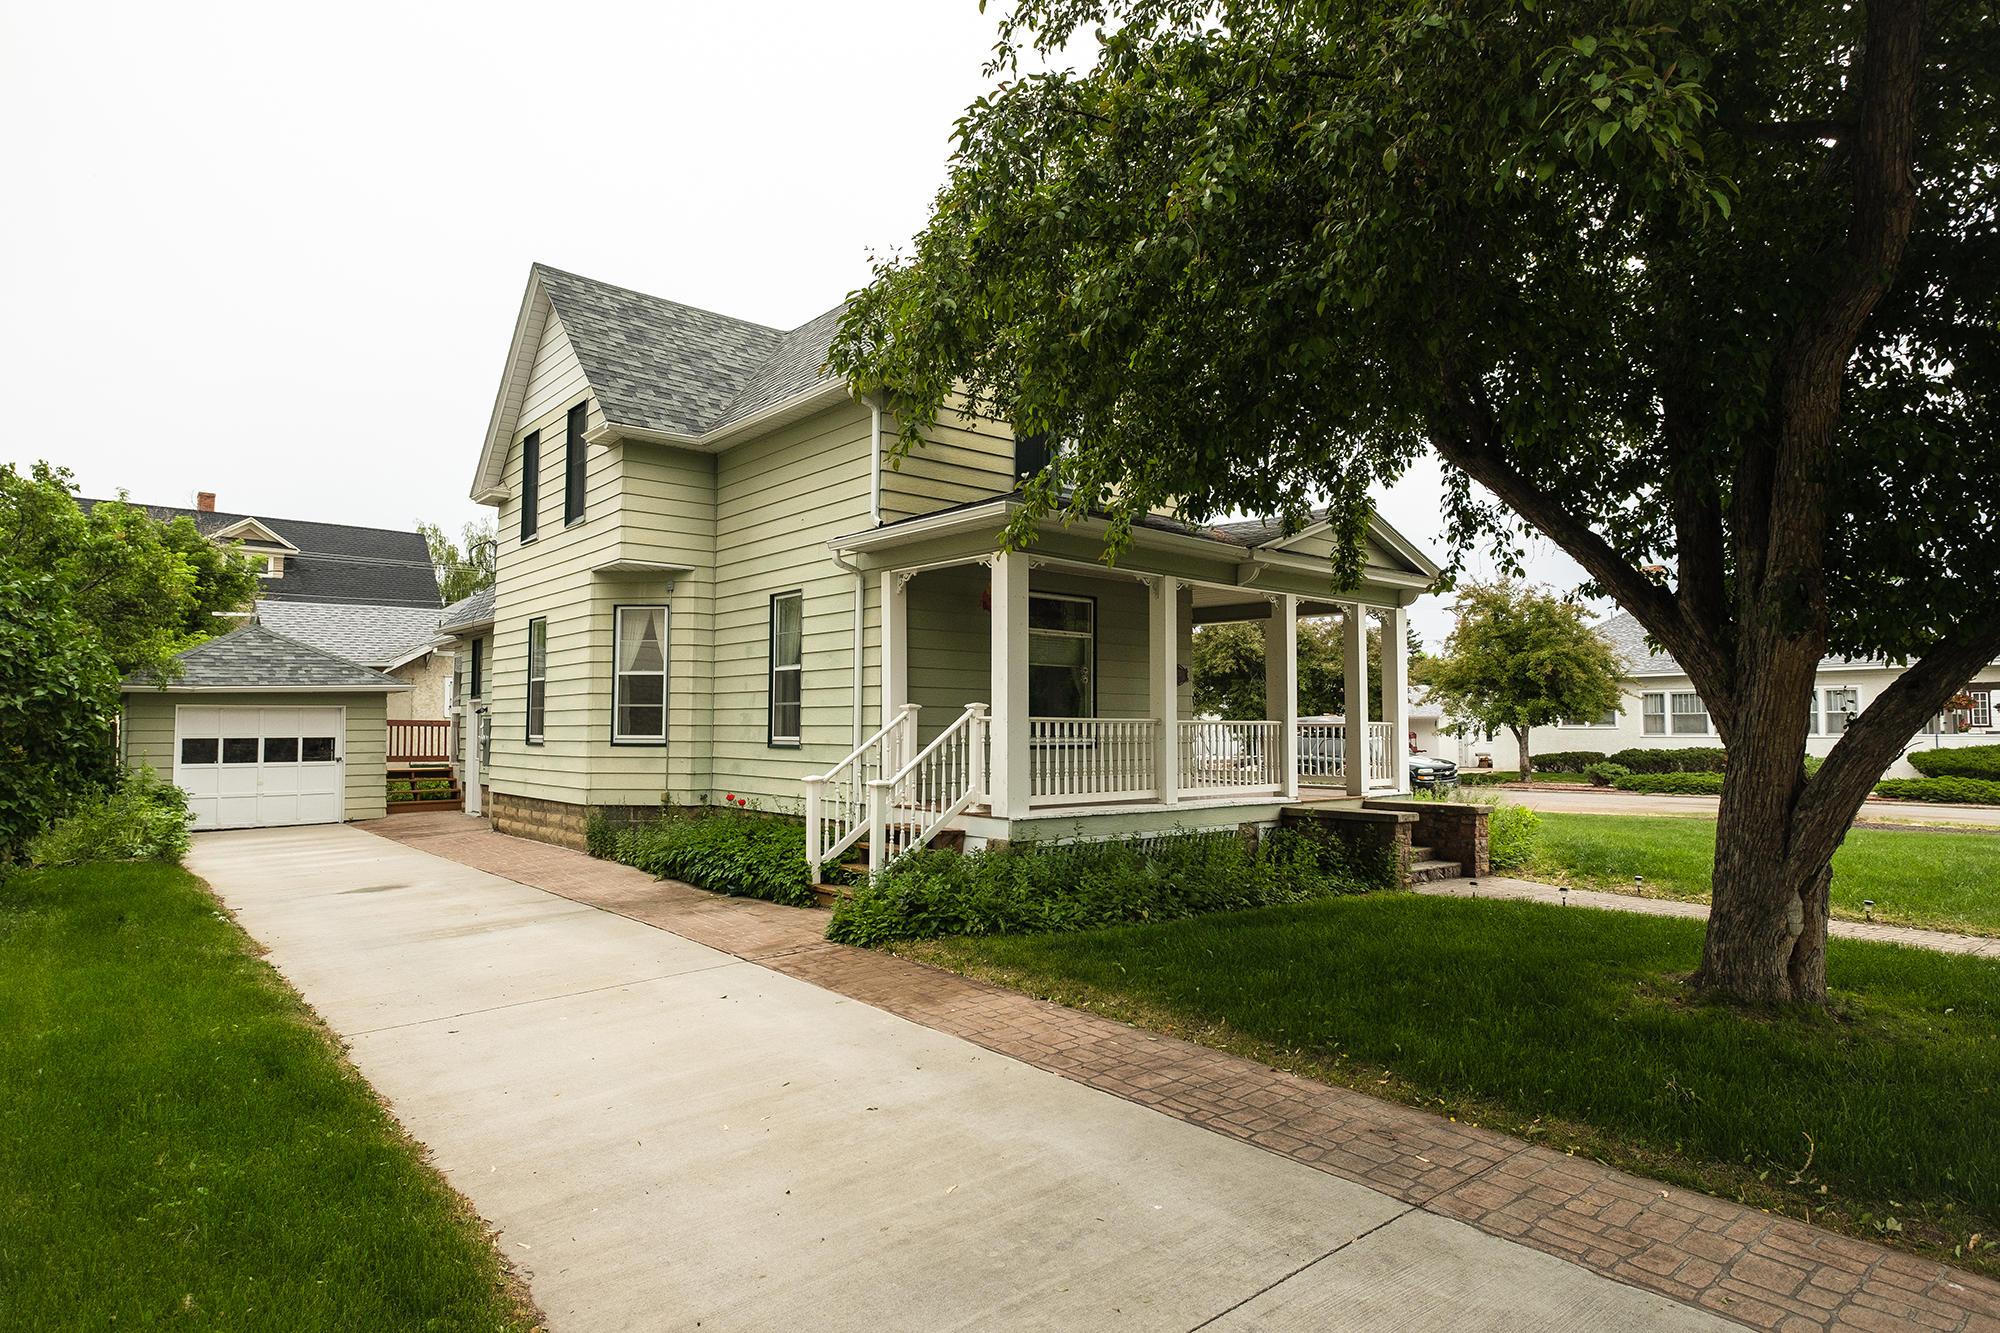 507 W Loucks Street, Sheridan, Wyoming 82801, 3 Bedrooms Bedrooms, ,2 BathroomsBathrooms,Residential,For Sale,Loucks,19-214